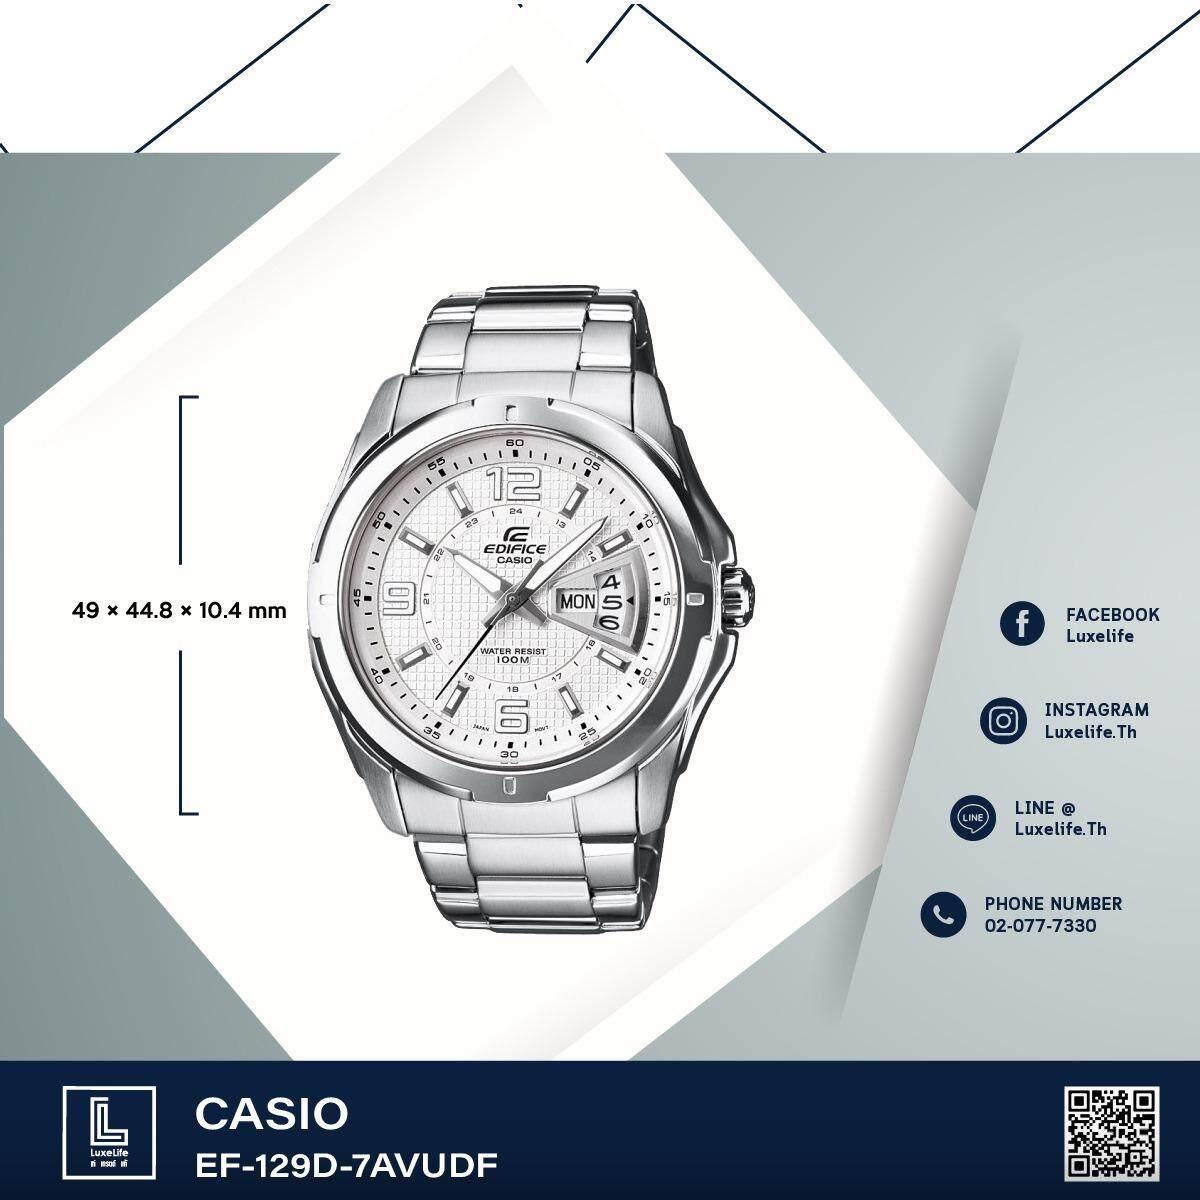 ซื้อ นาฬิกาข้อมือ Casio รุ่น Ef 129D 7Avudf Edifice นาฬิกาข้อมือผู้ชาย สายสแตนเลส Silver ถูก ใน กรุงเทพมหานคร